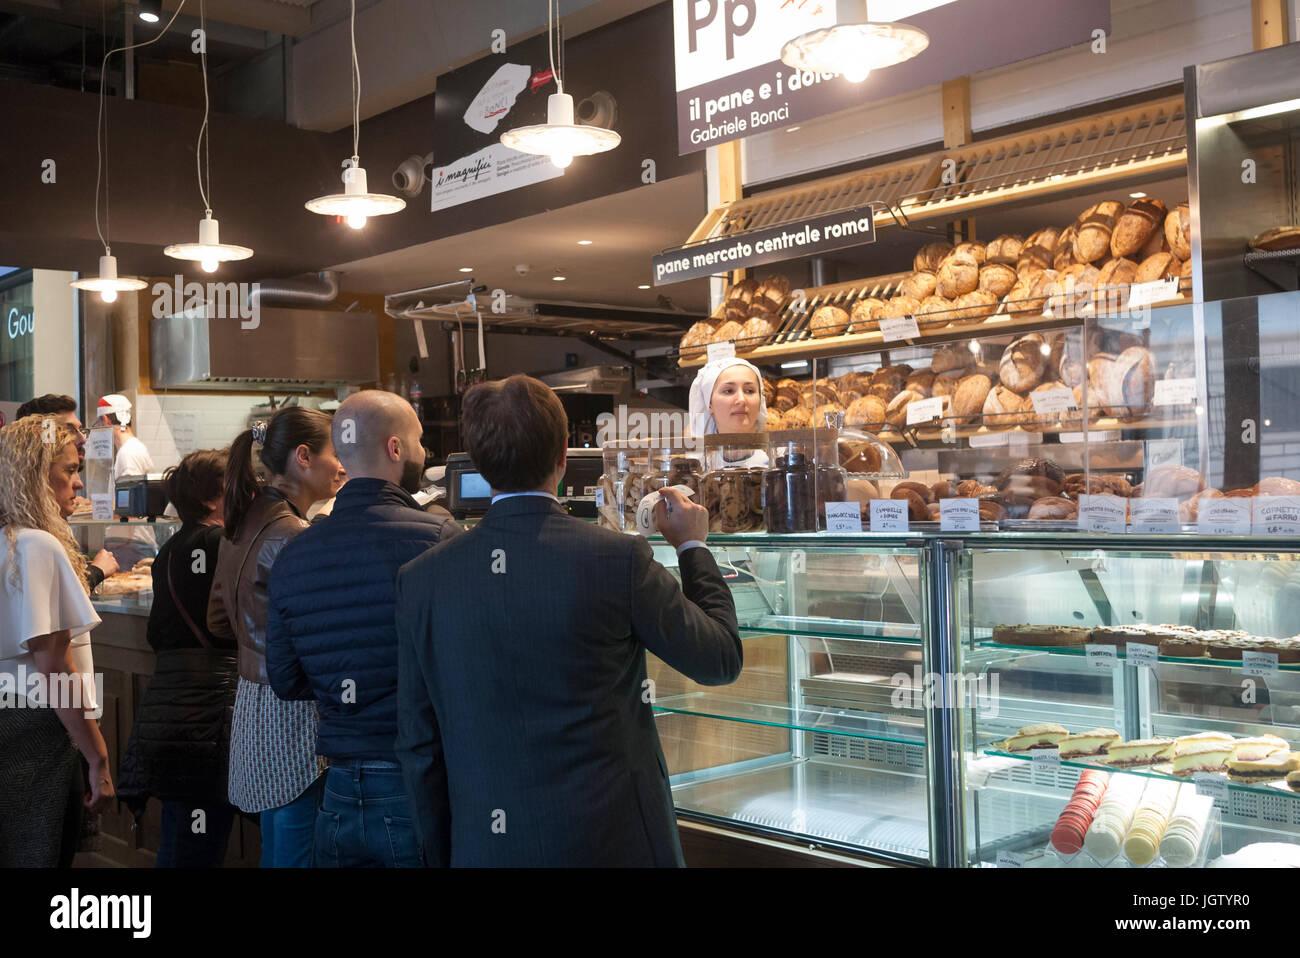 Rome, Italy - Mercato Centrale bakery - Stock Image